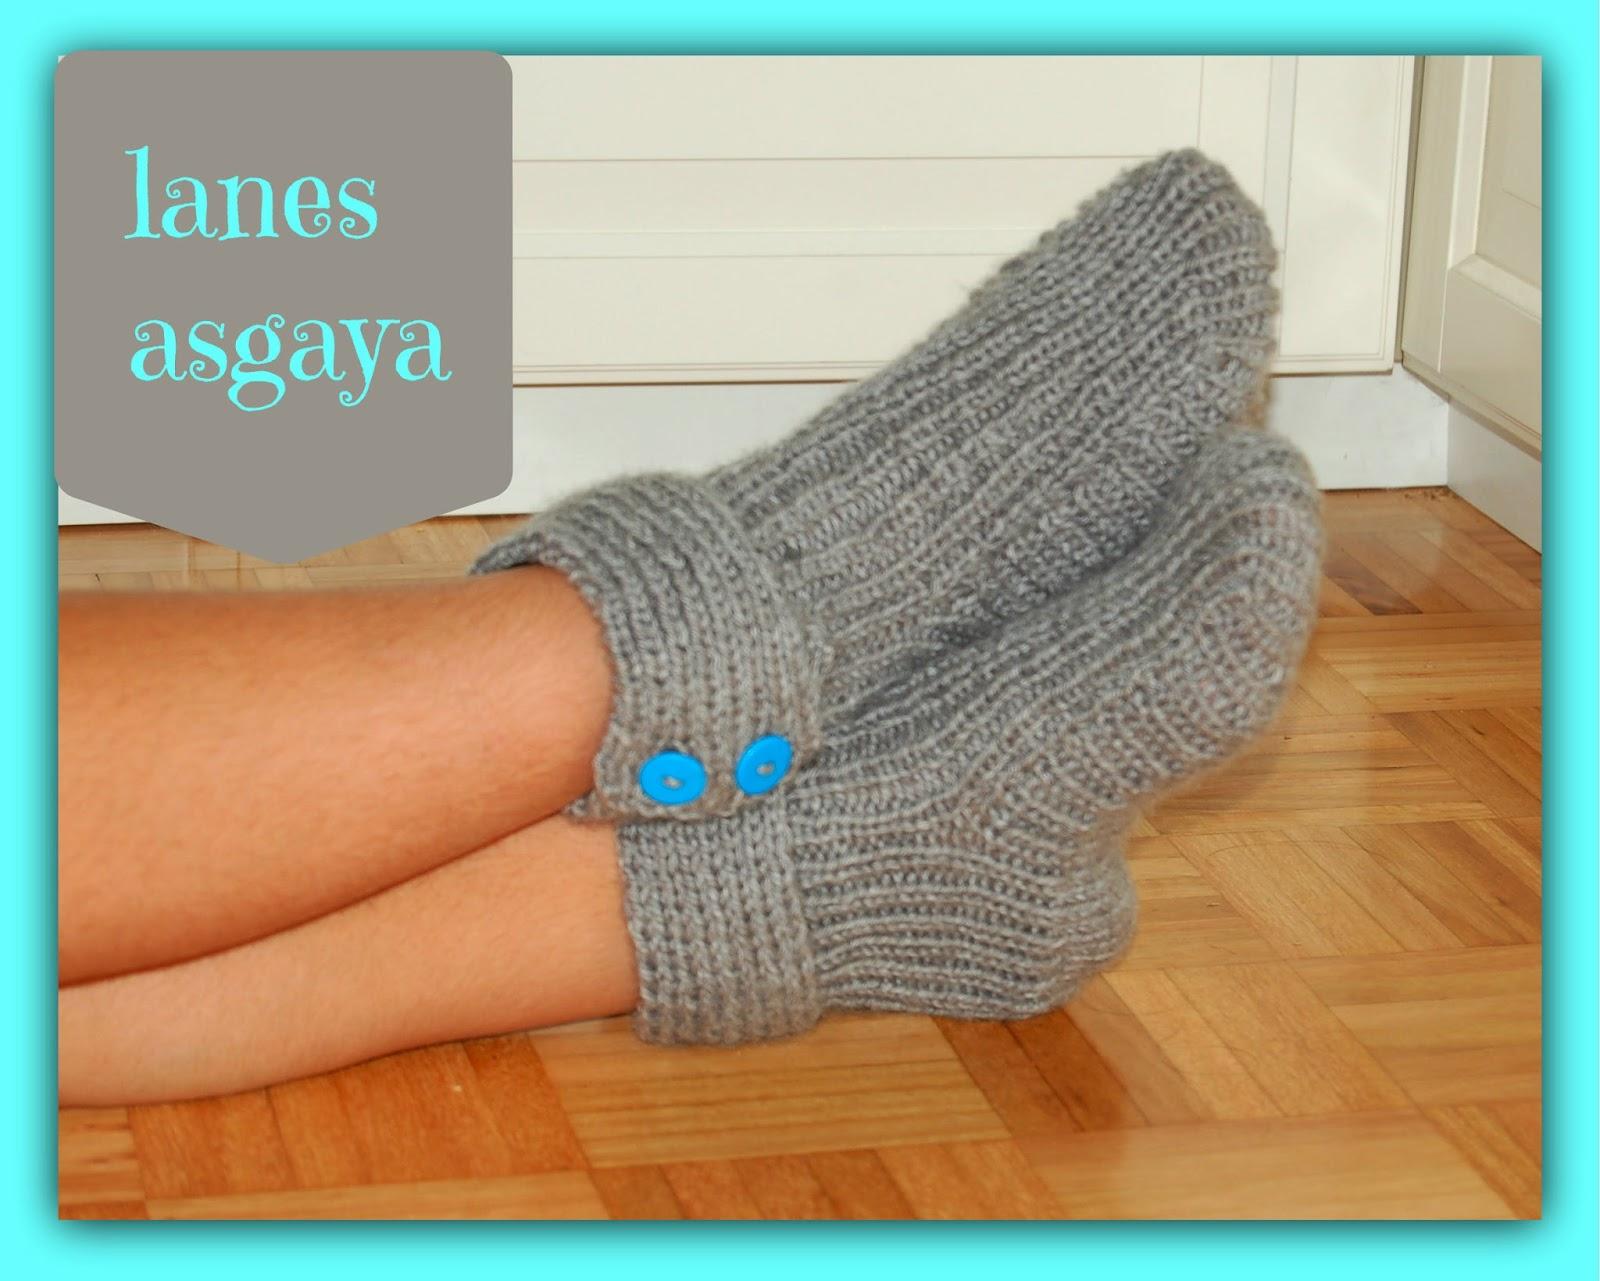 Lanes asgaya pantuflas moon socks - Como hacer calcetines de lana ...